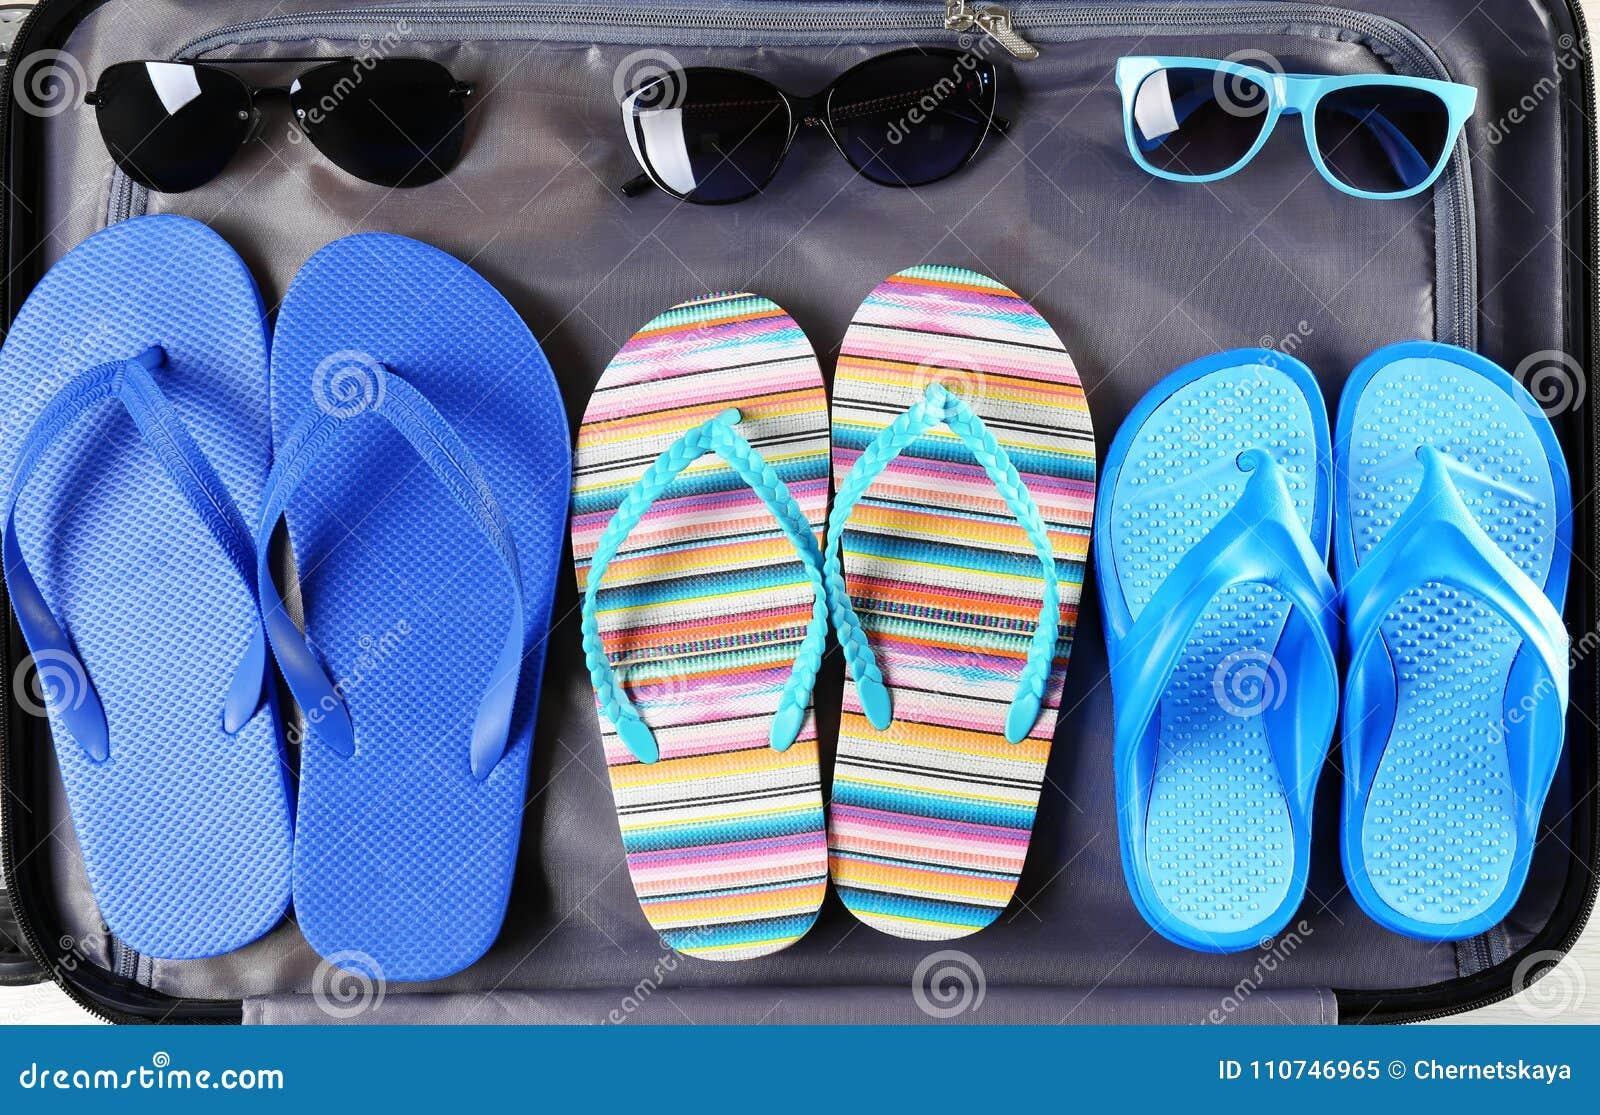 Abra A Mala De Viagem Com Flip-flops E óculos De Sol, Close Up ... 417f5221a7